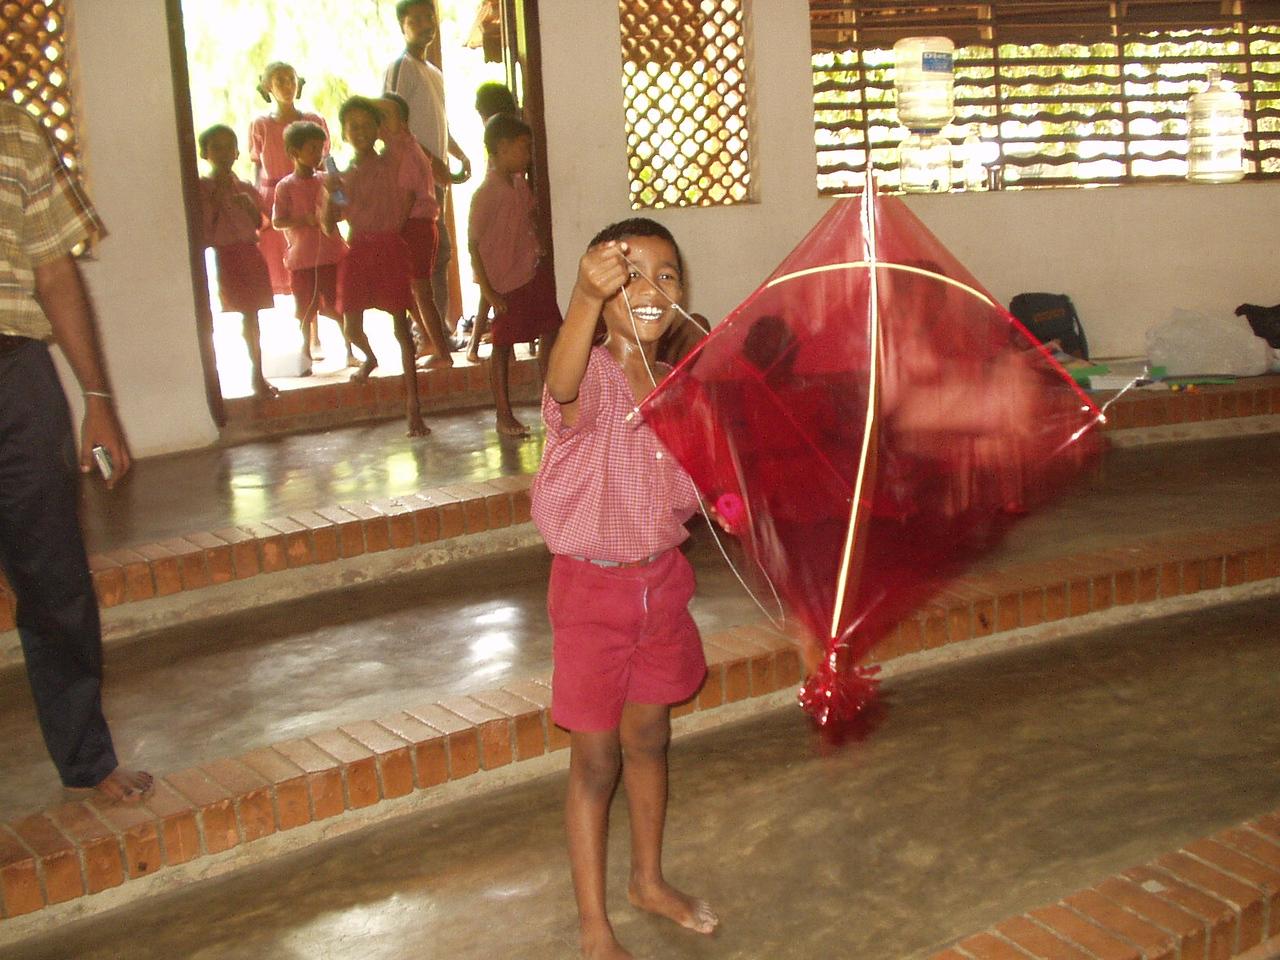 Indoor kite-flying